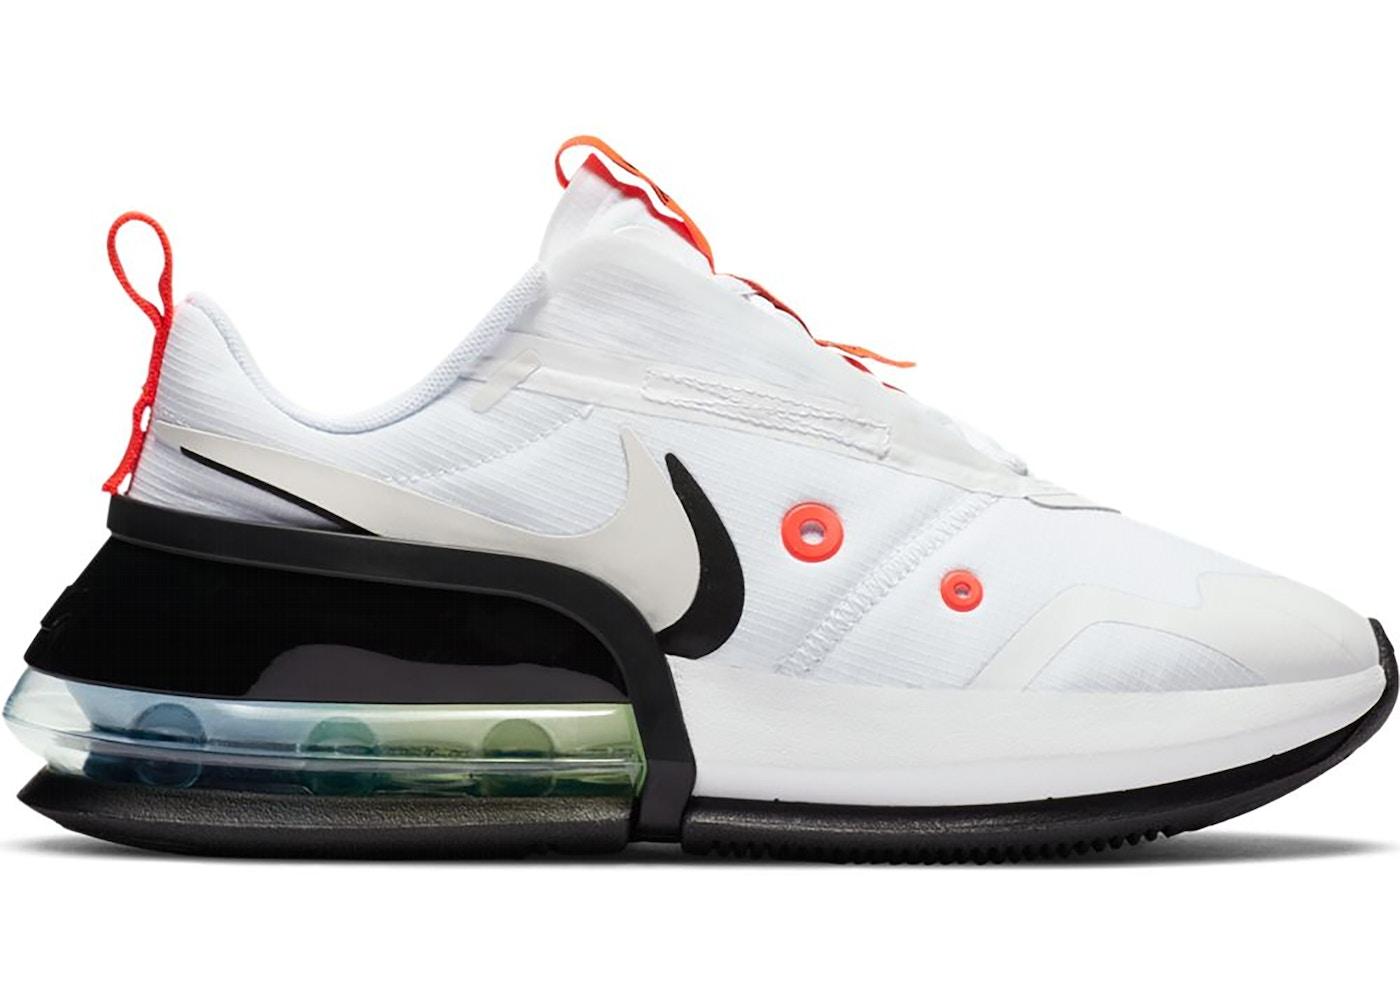 compressione solare Indipendente  Nike Air Max Up White Black Crimson (W) - CK7173-100